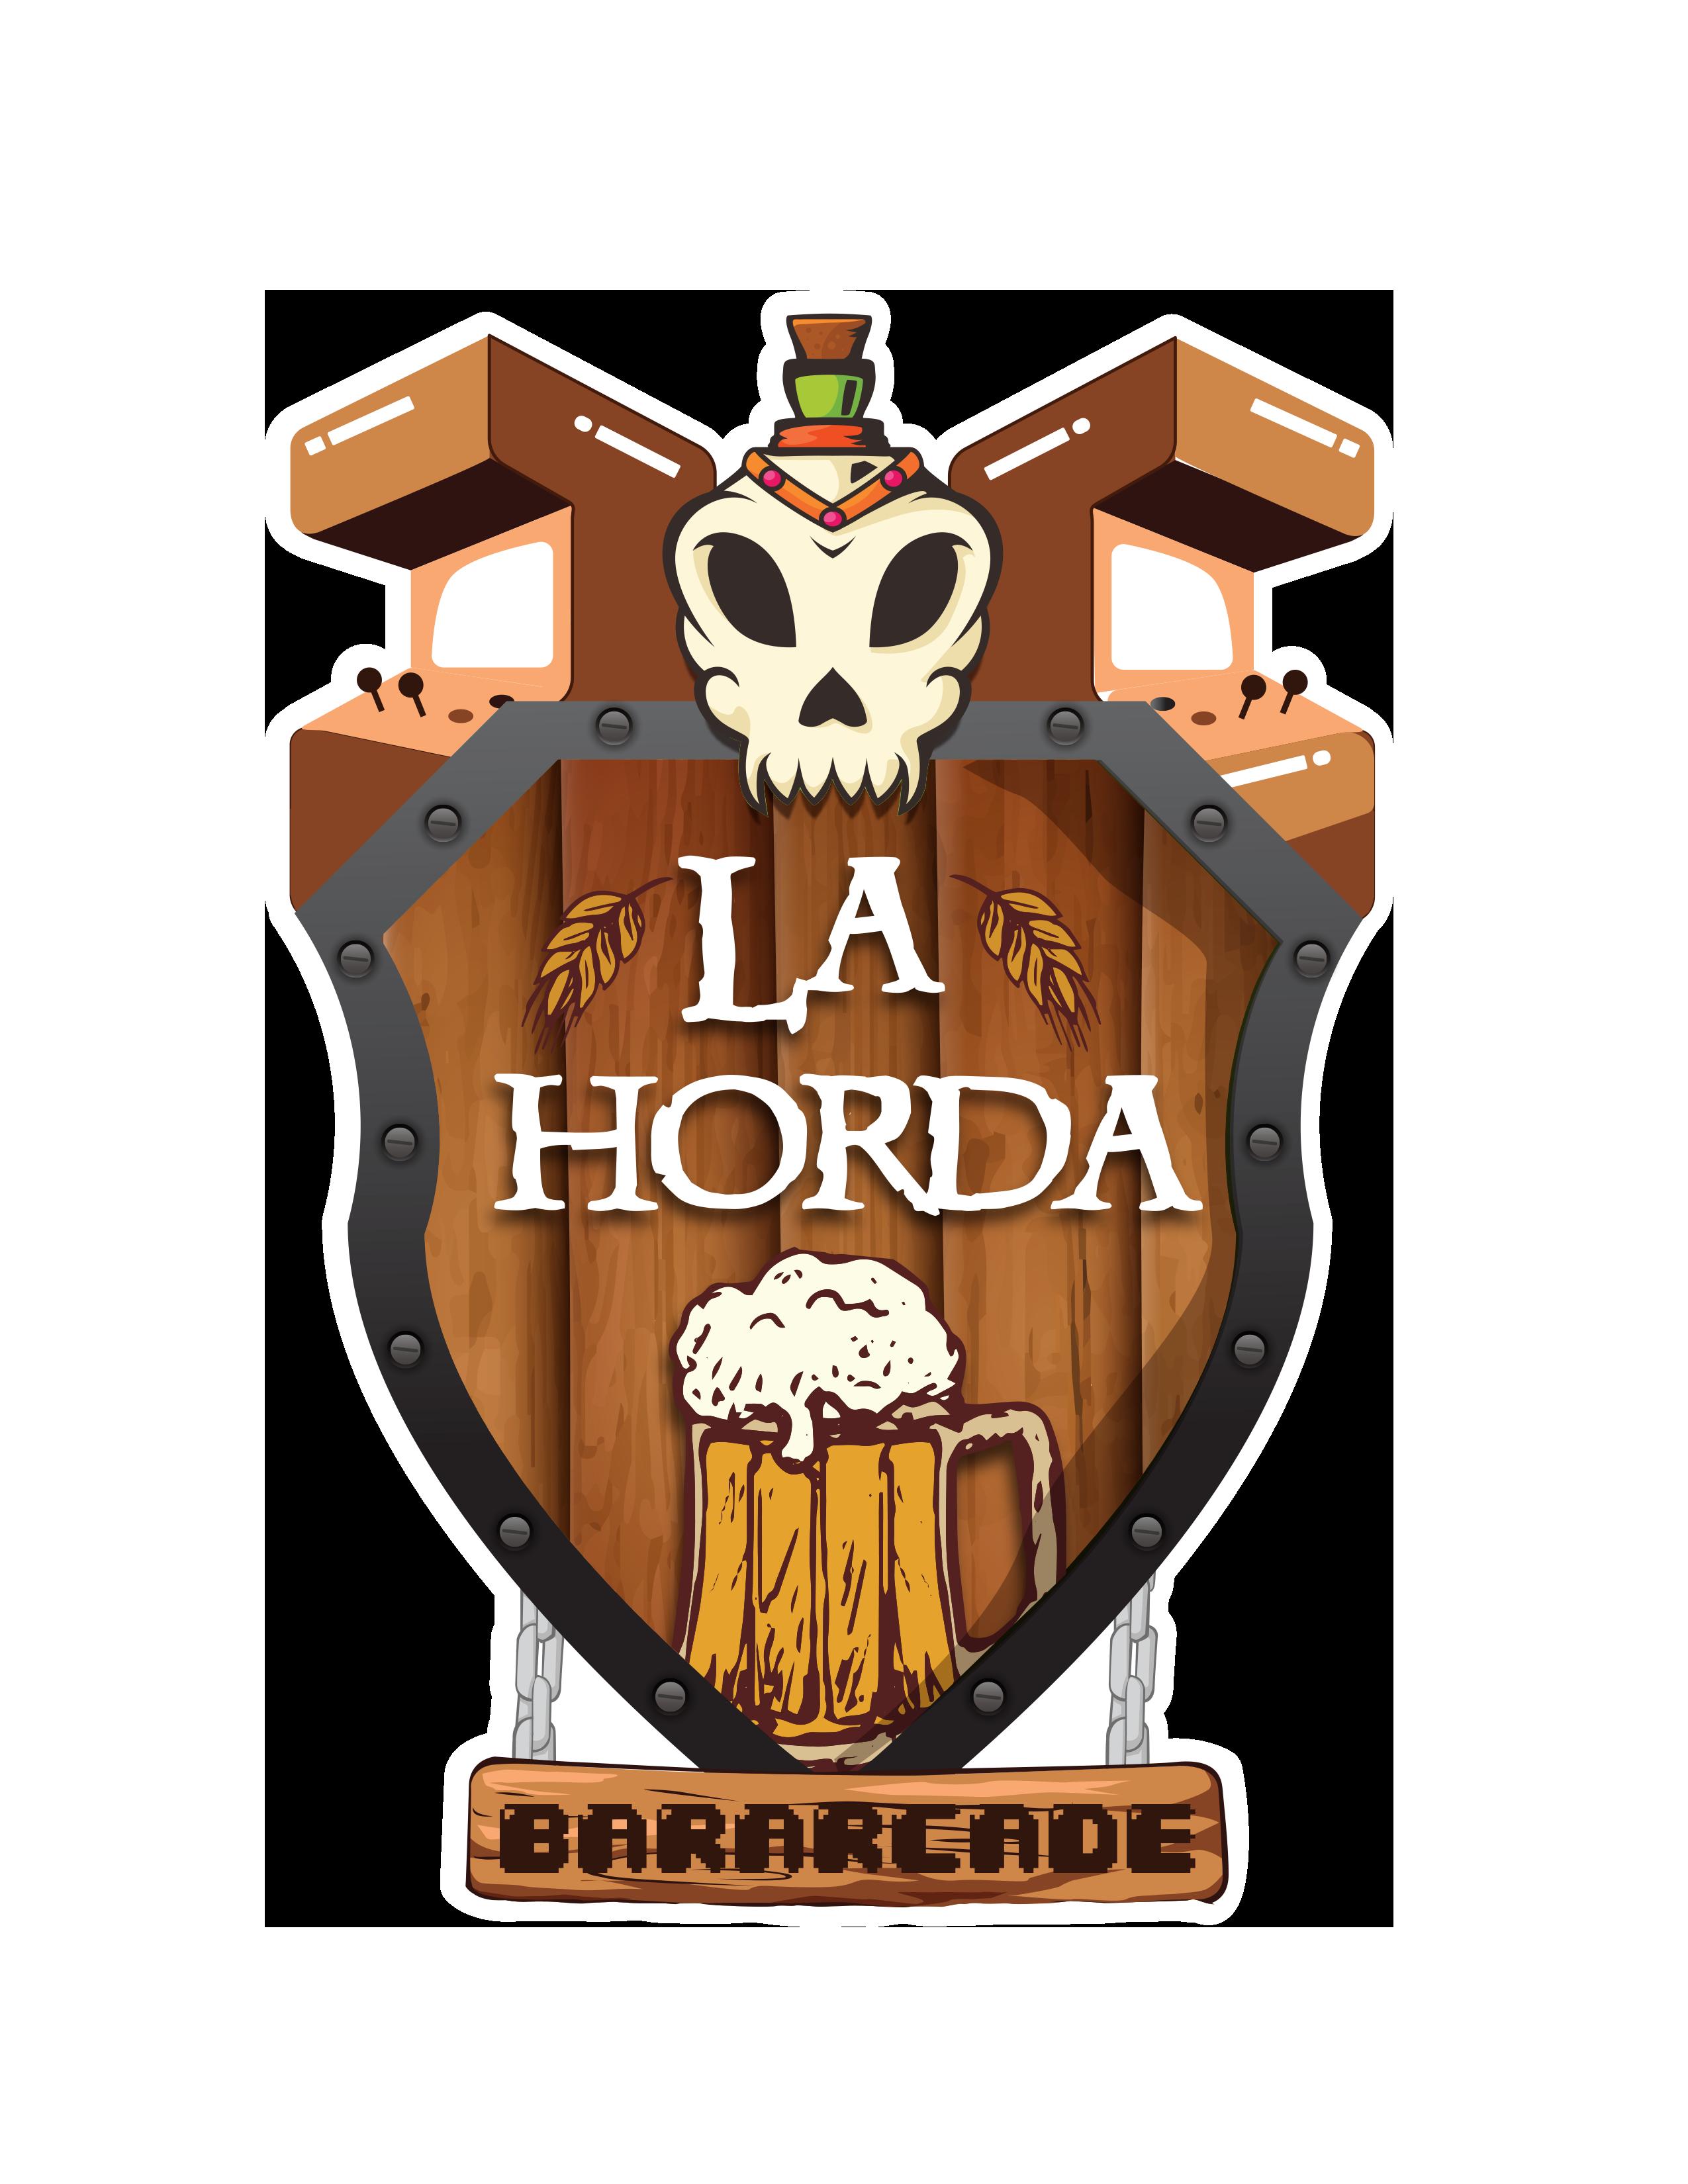 La Horda Bar Arcade